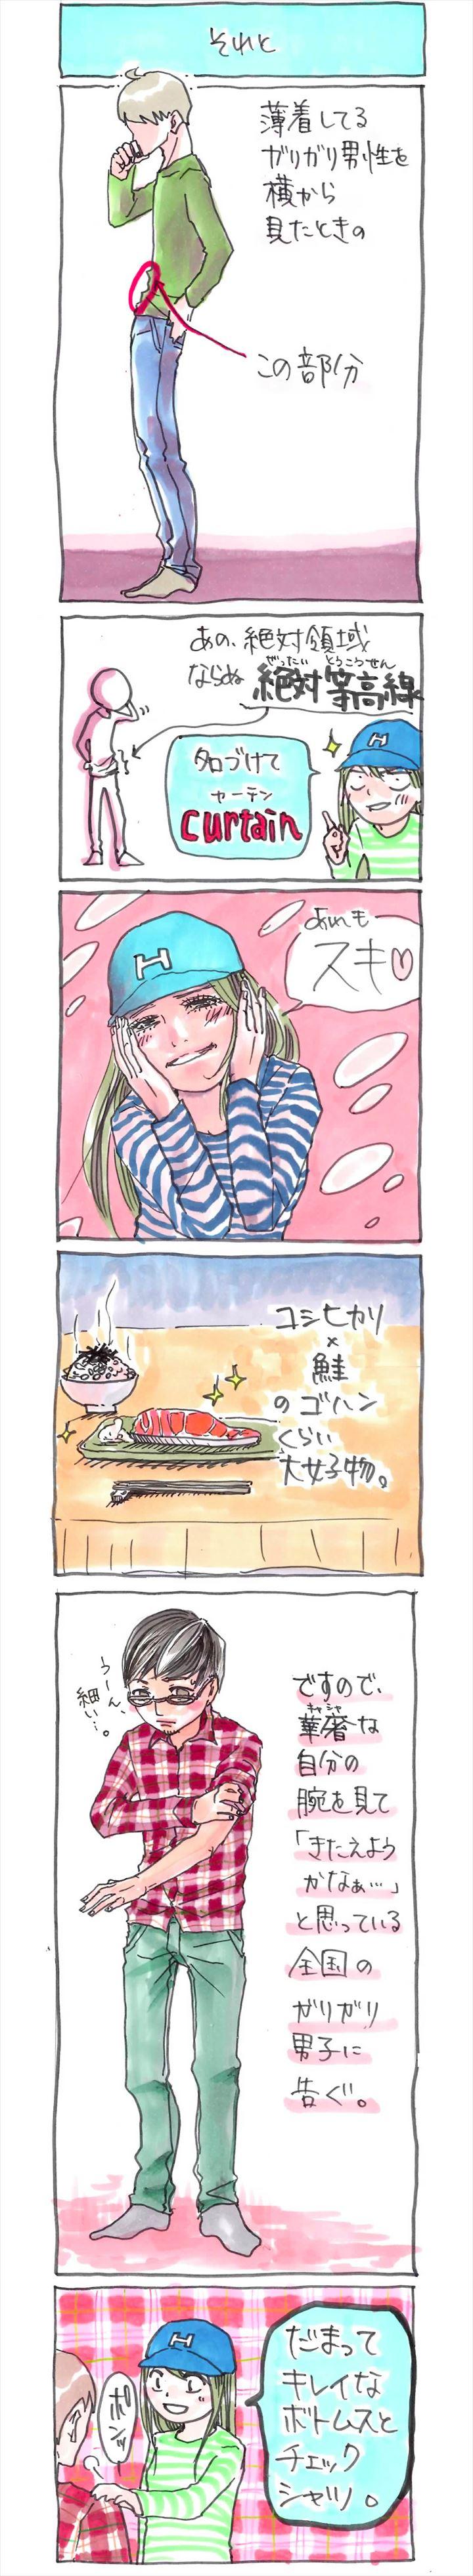 yajima3.2_R